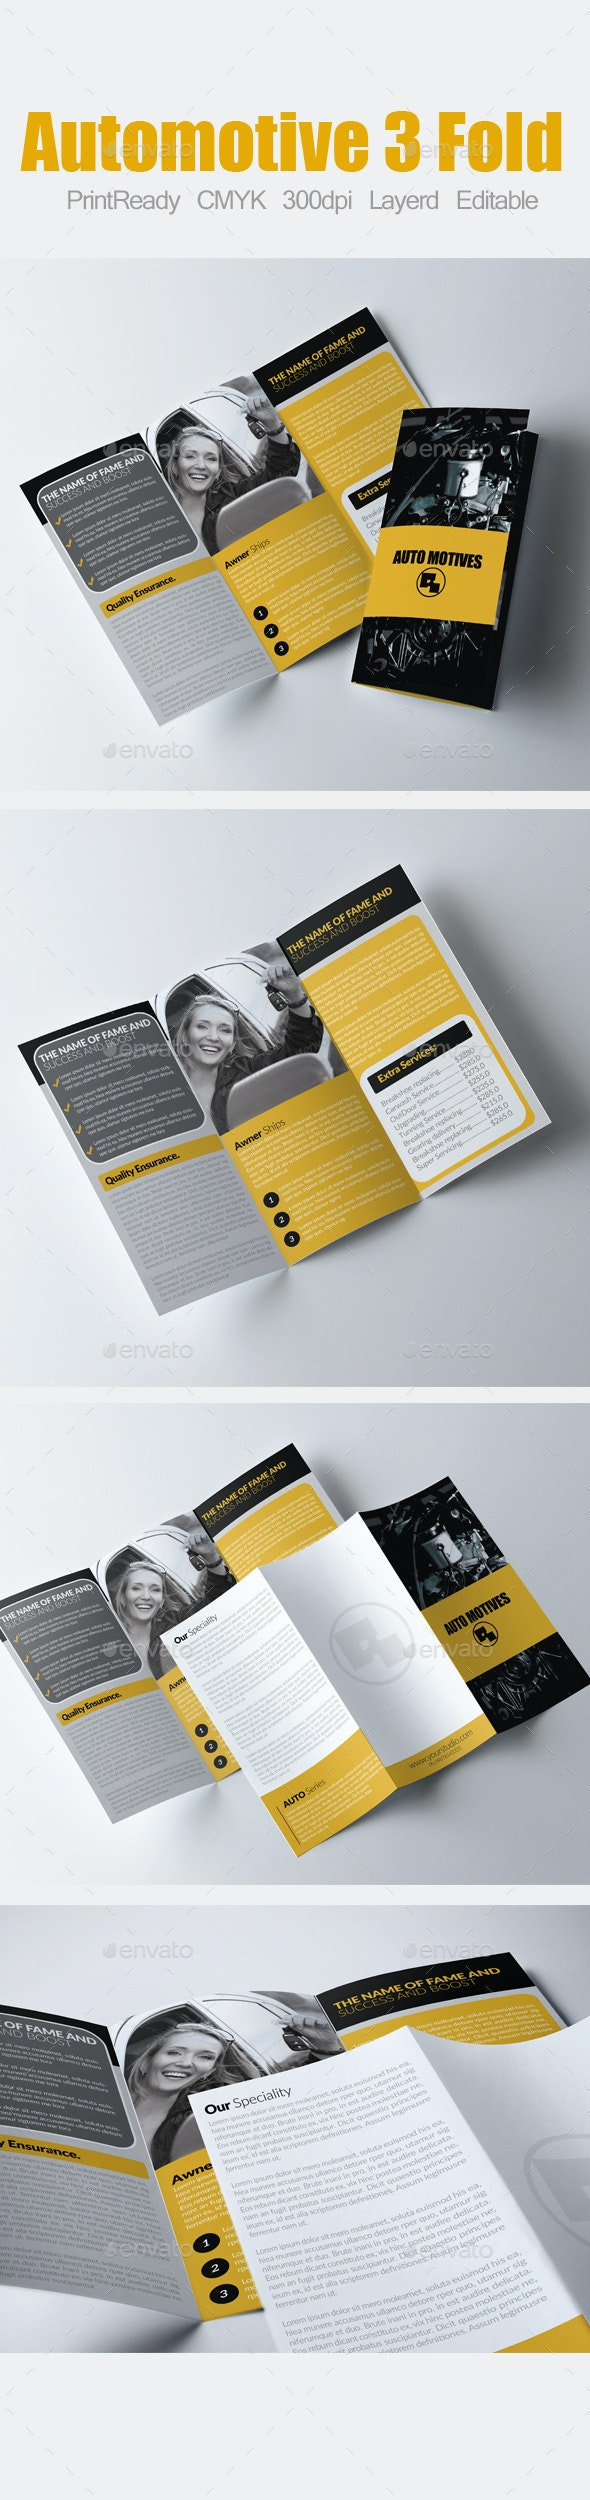 Tri Fold Automotive Brochure - Corporate Brochures